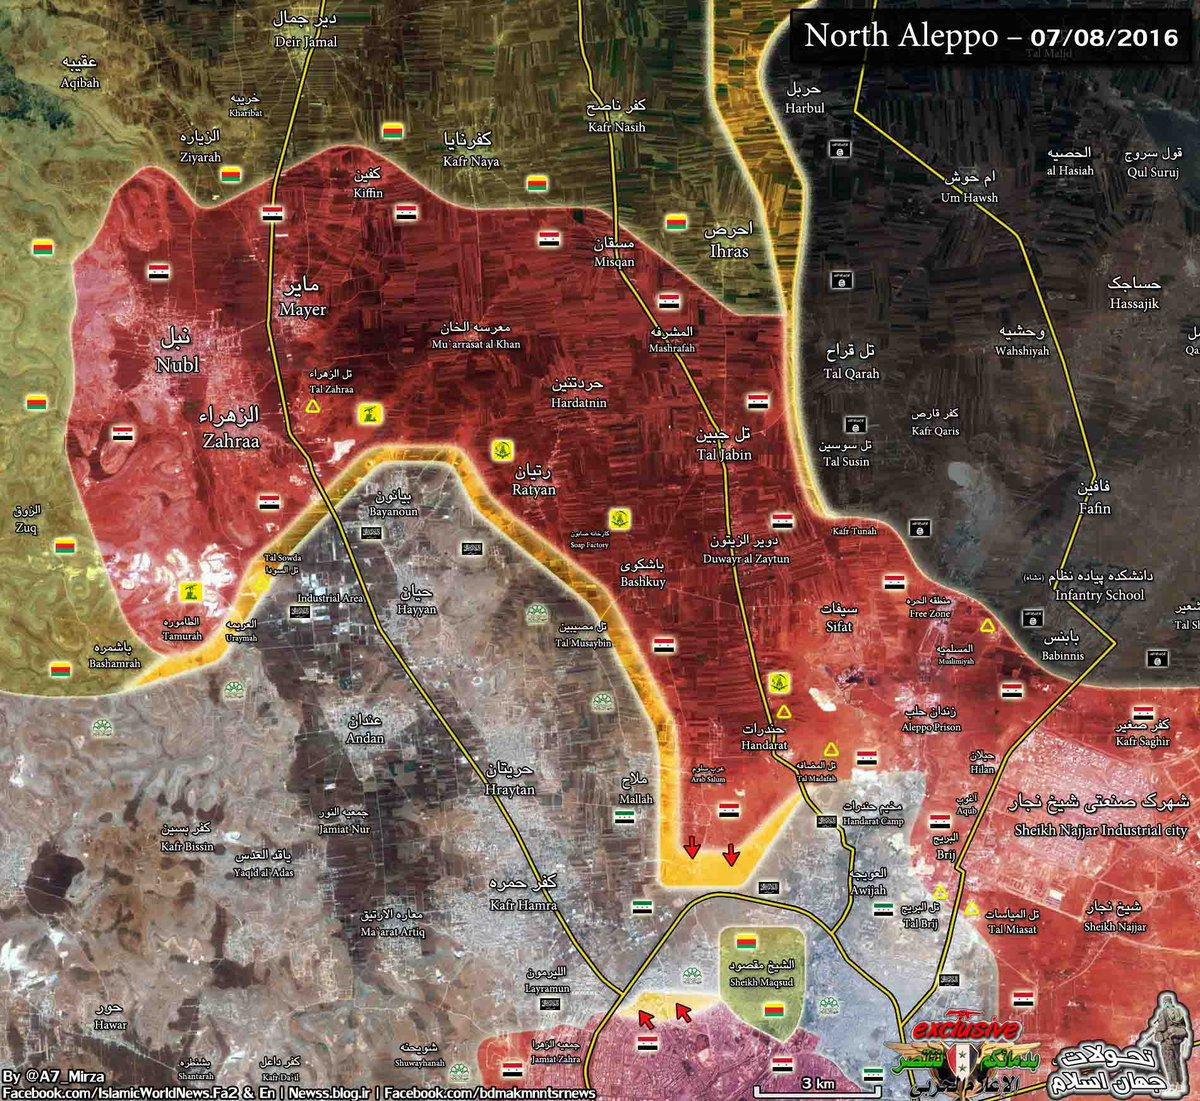 متابعة مستجدات الساحة السورية - صفحة 19 Cm2IvR2WgAAPBIk